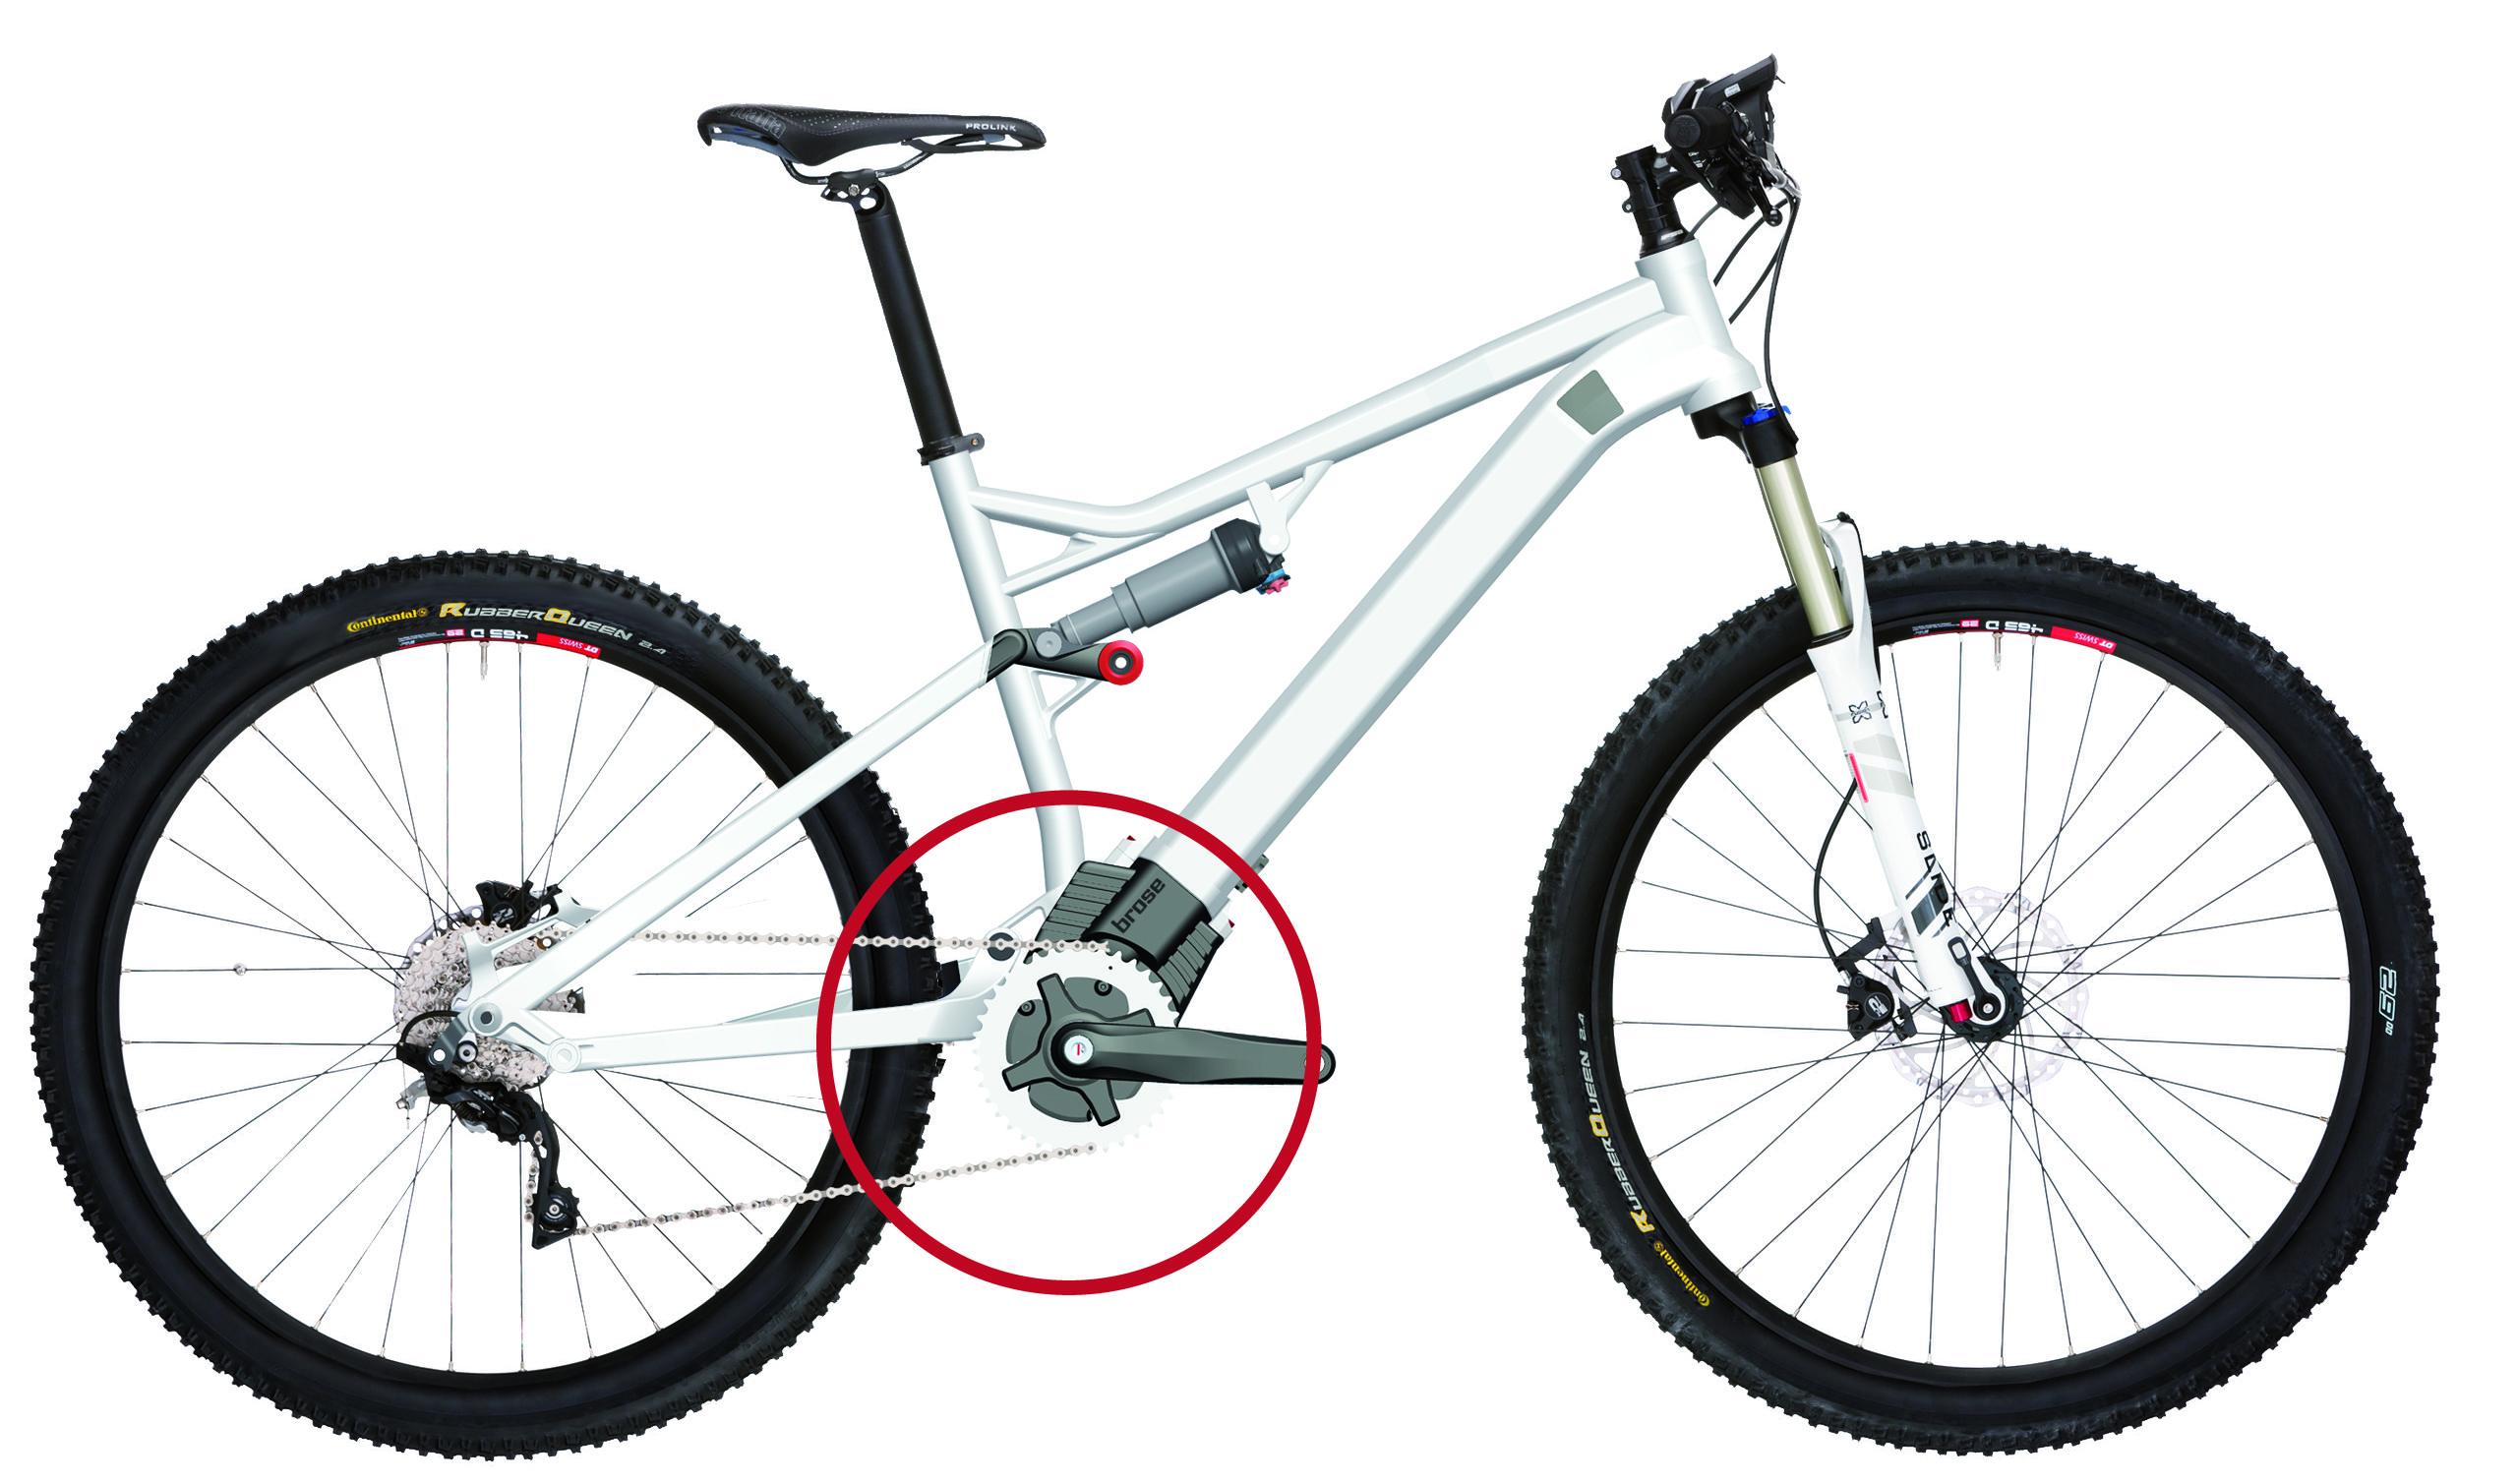 Brose Electric Bike Bike Pic